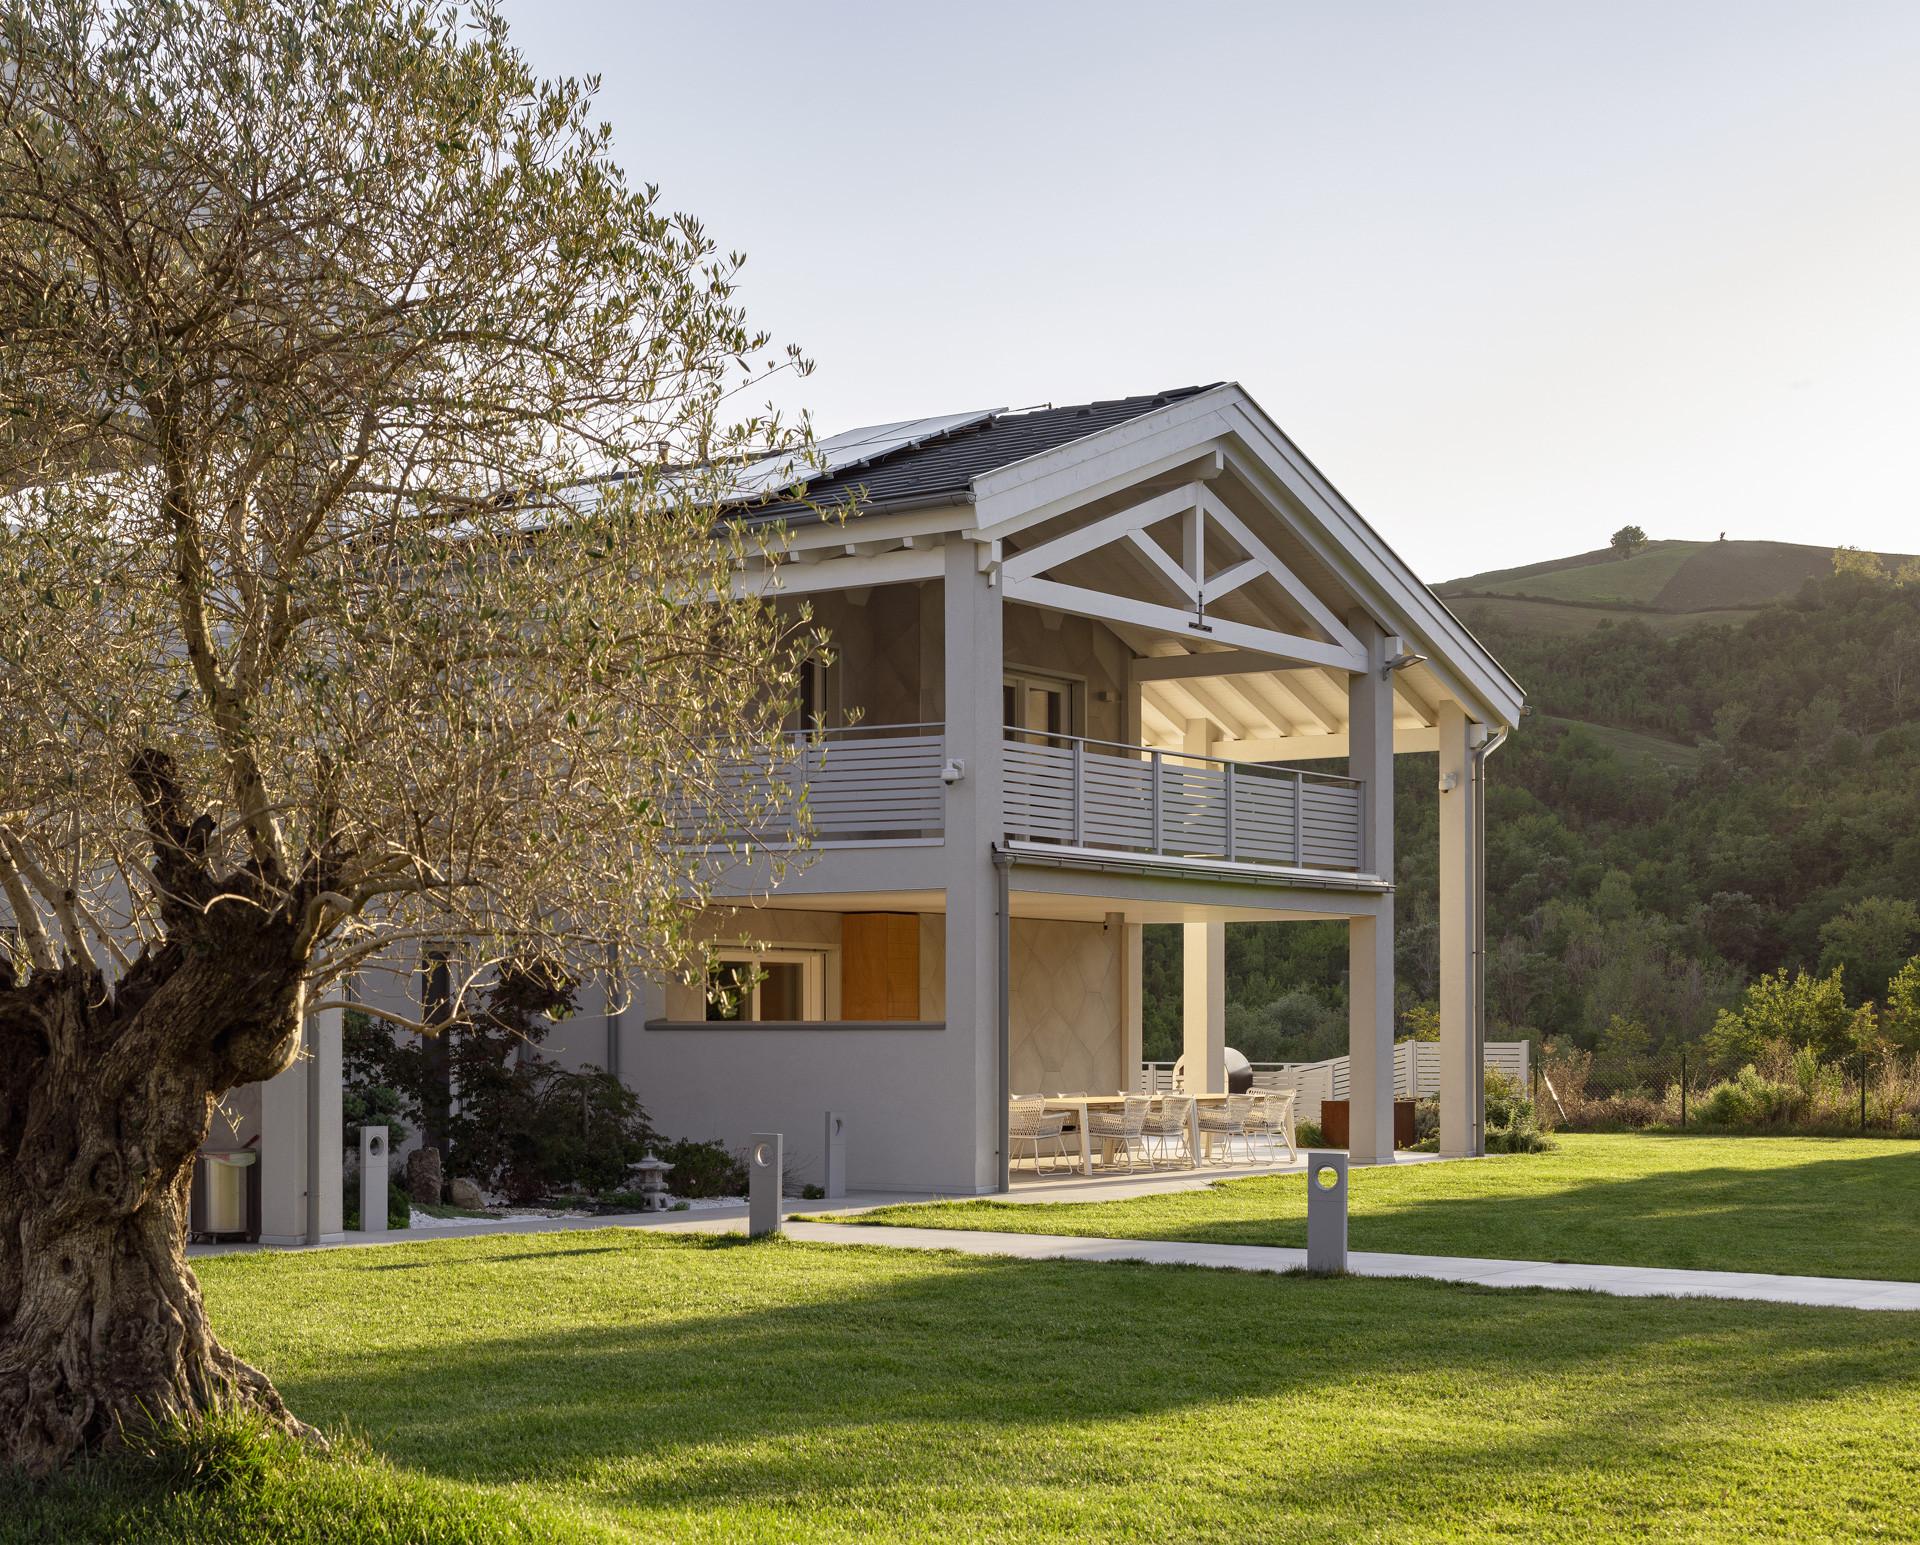 Wolf Haus Reggio Emilia villa in legno bifamiliare a reggio emilia -wolf haus